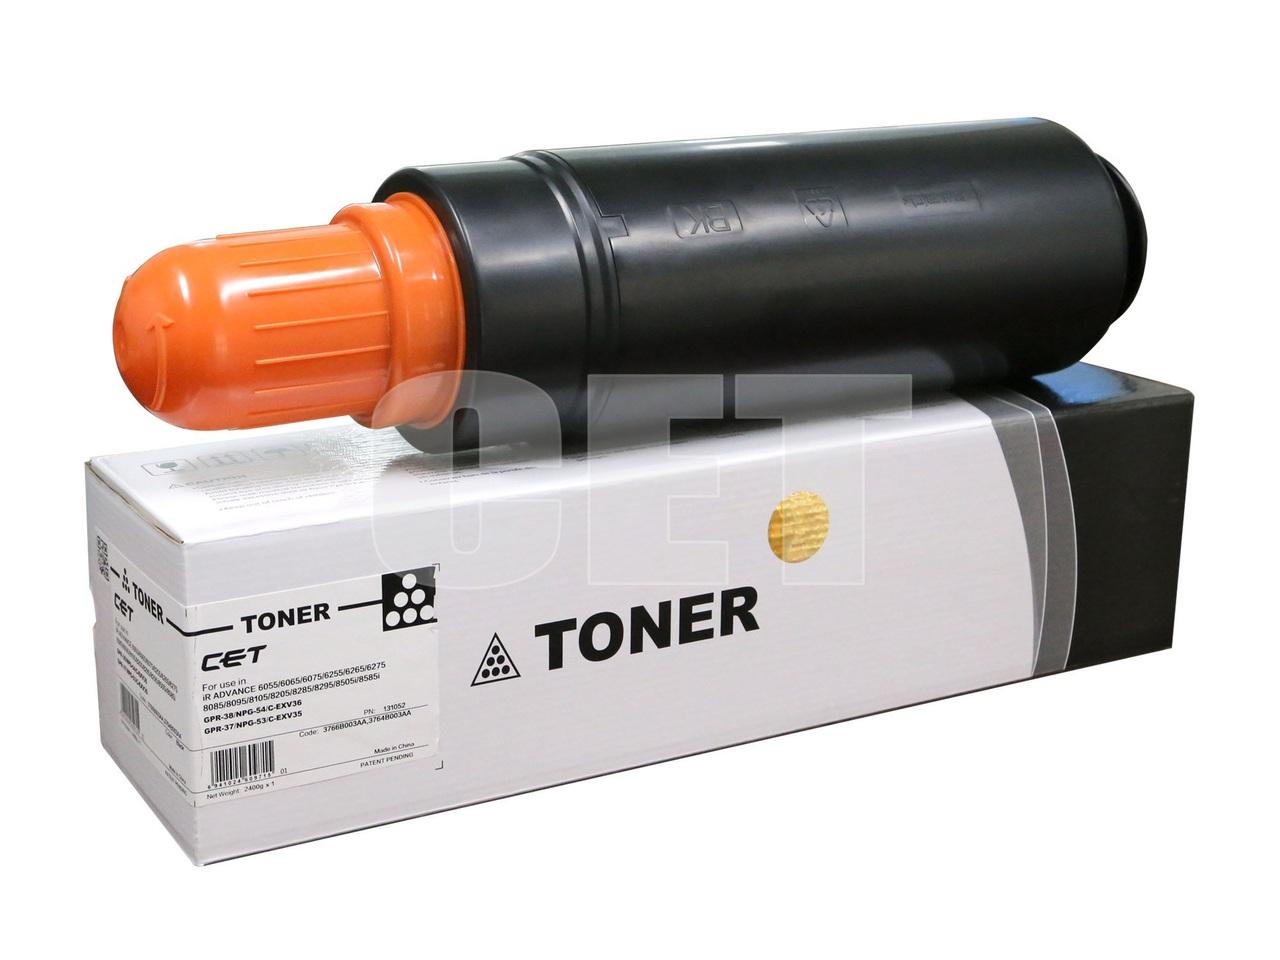 Тонер-картридж (CPP) C-EXV36/C-EXV35 для CANON iRADVANCE 6055/6065/6075/6255 (CET) Black, (WW), 2400г,70000 стр., CET131052